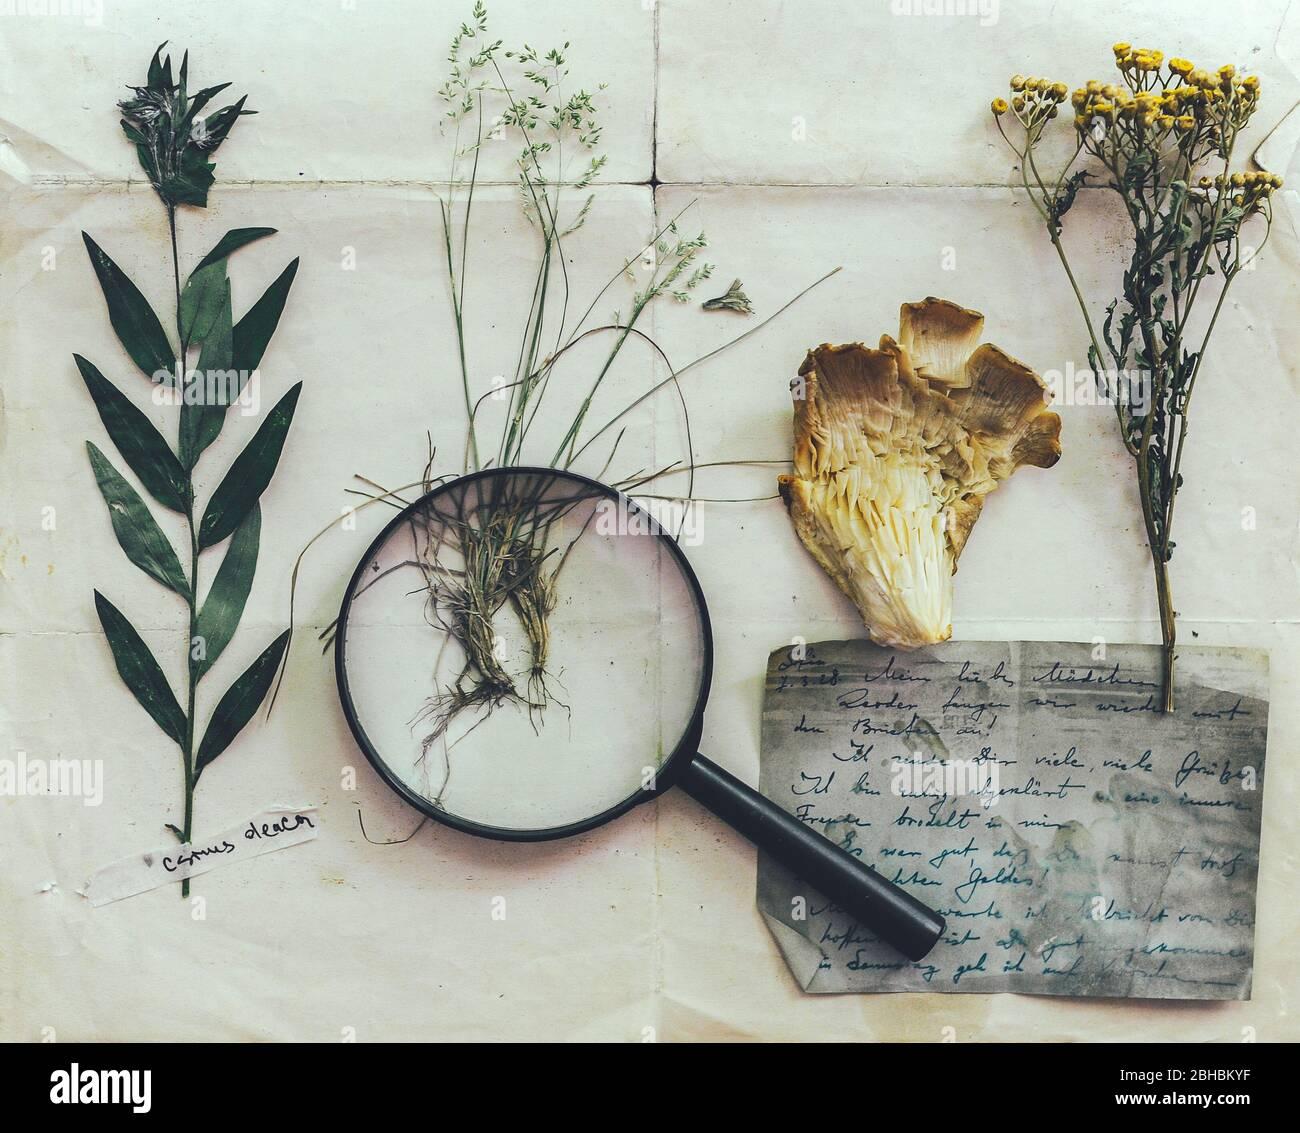 Herbier Stockfotos und  bilder Kaufen   Alamy